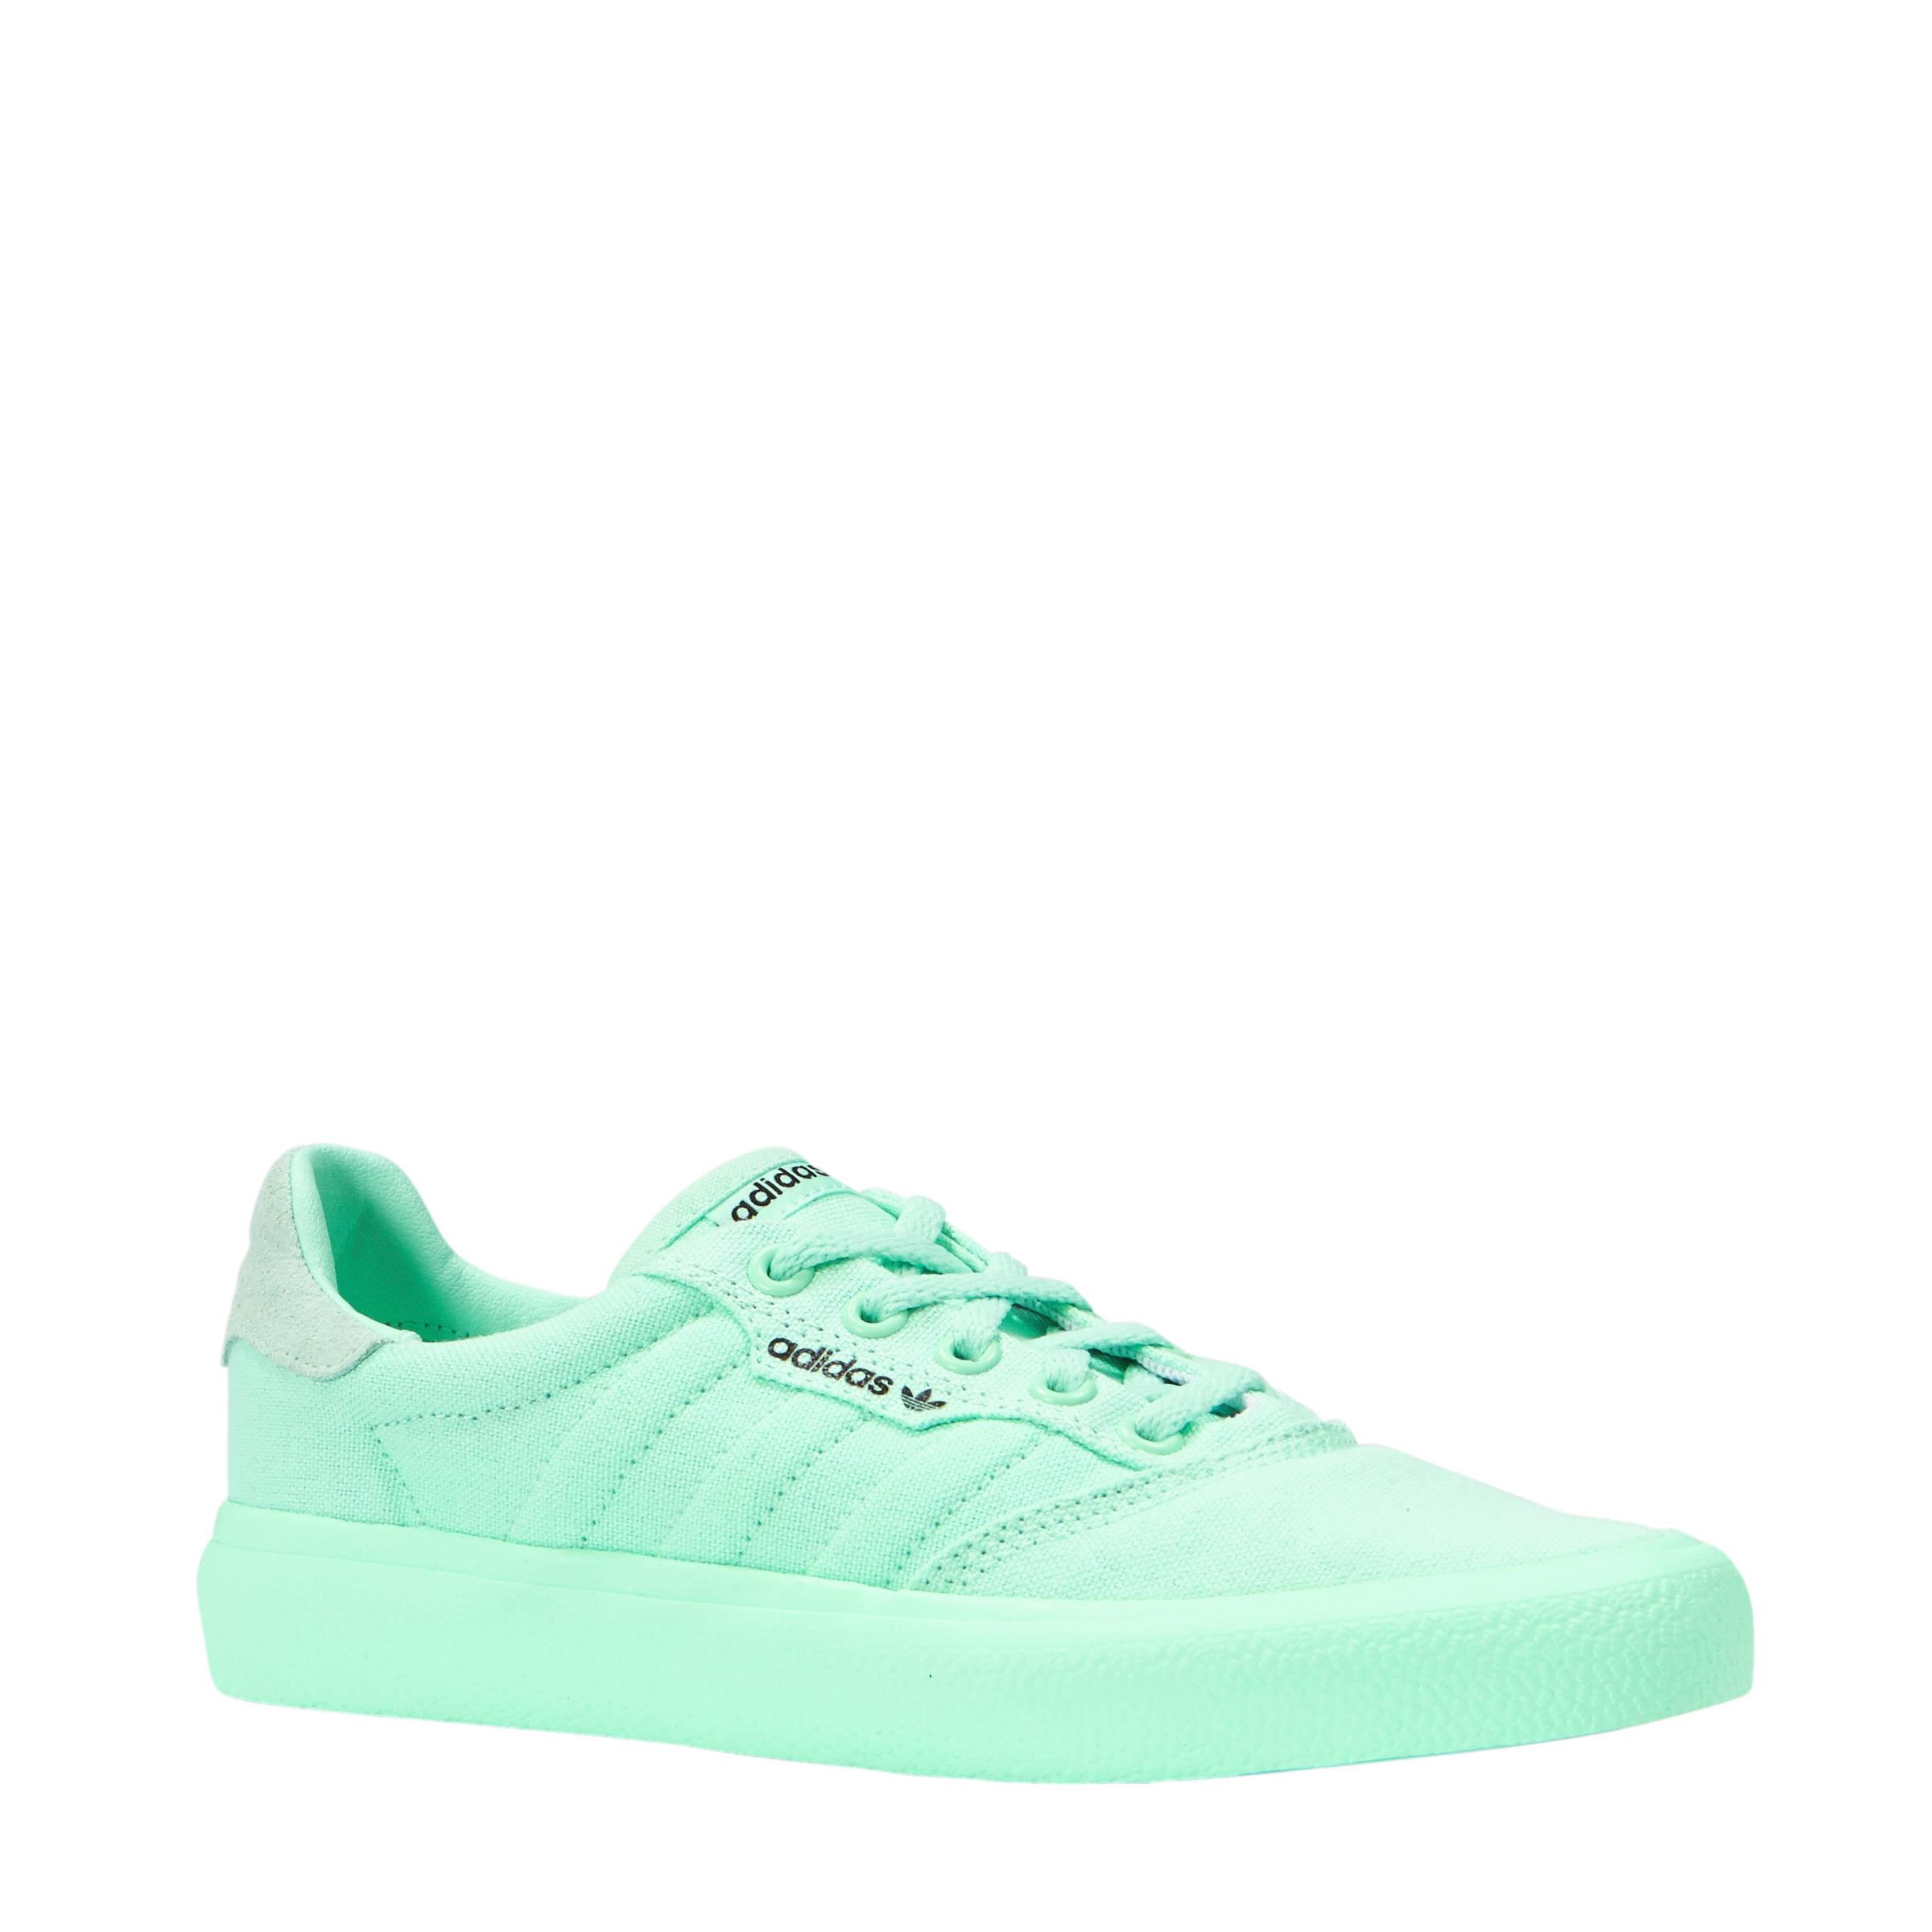 release date: ddc02 a5d7e Originals Wehkamp Bij Vanaf Bezorging 20 Adidas Gratis UdSwv